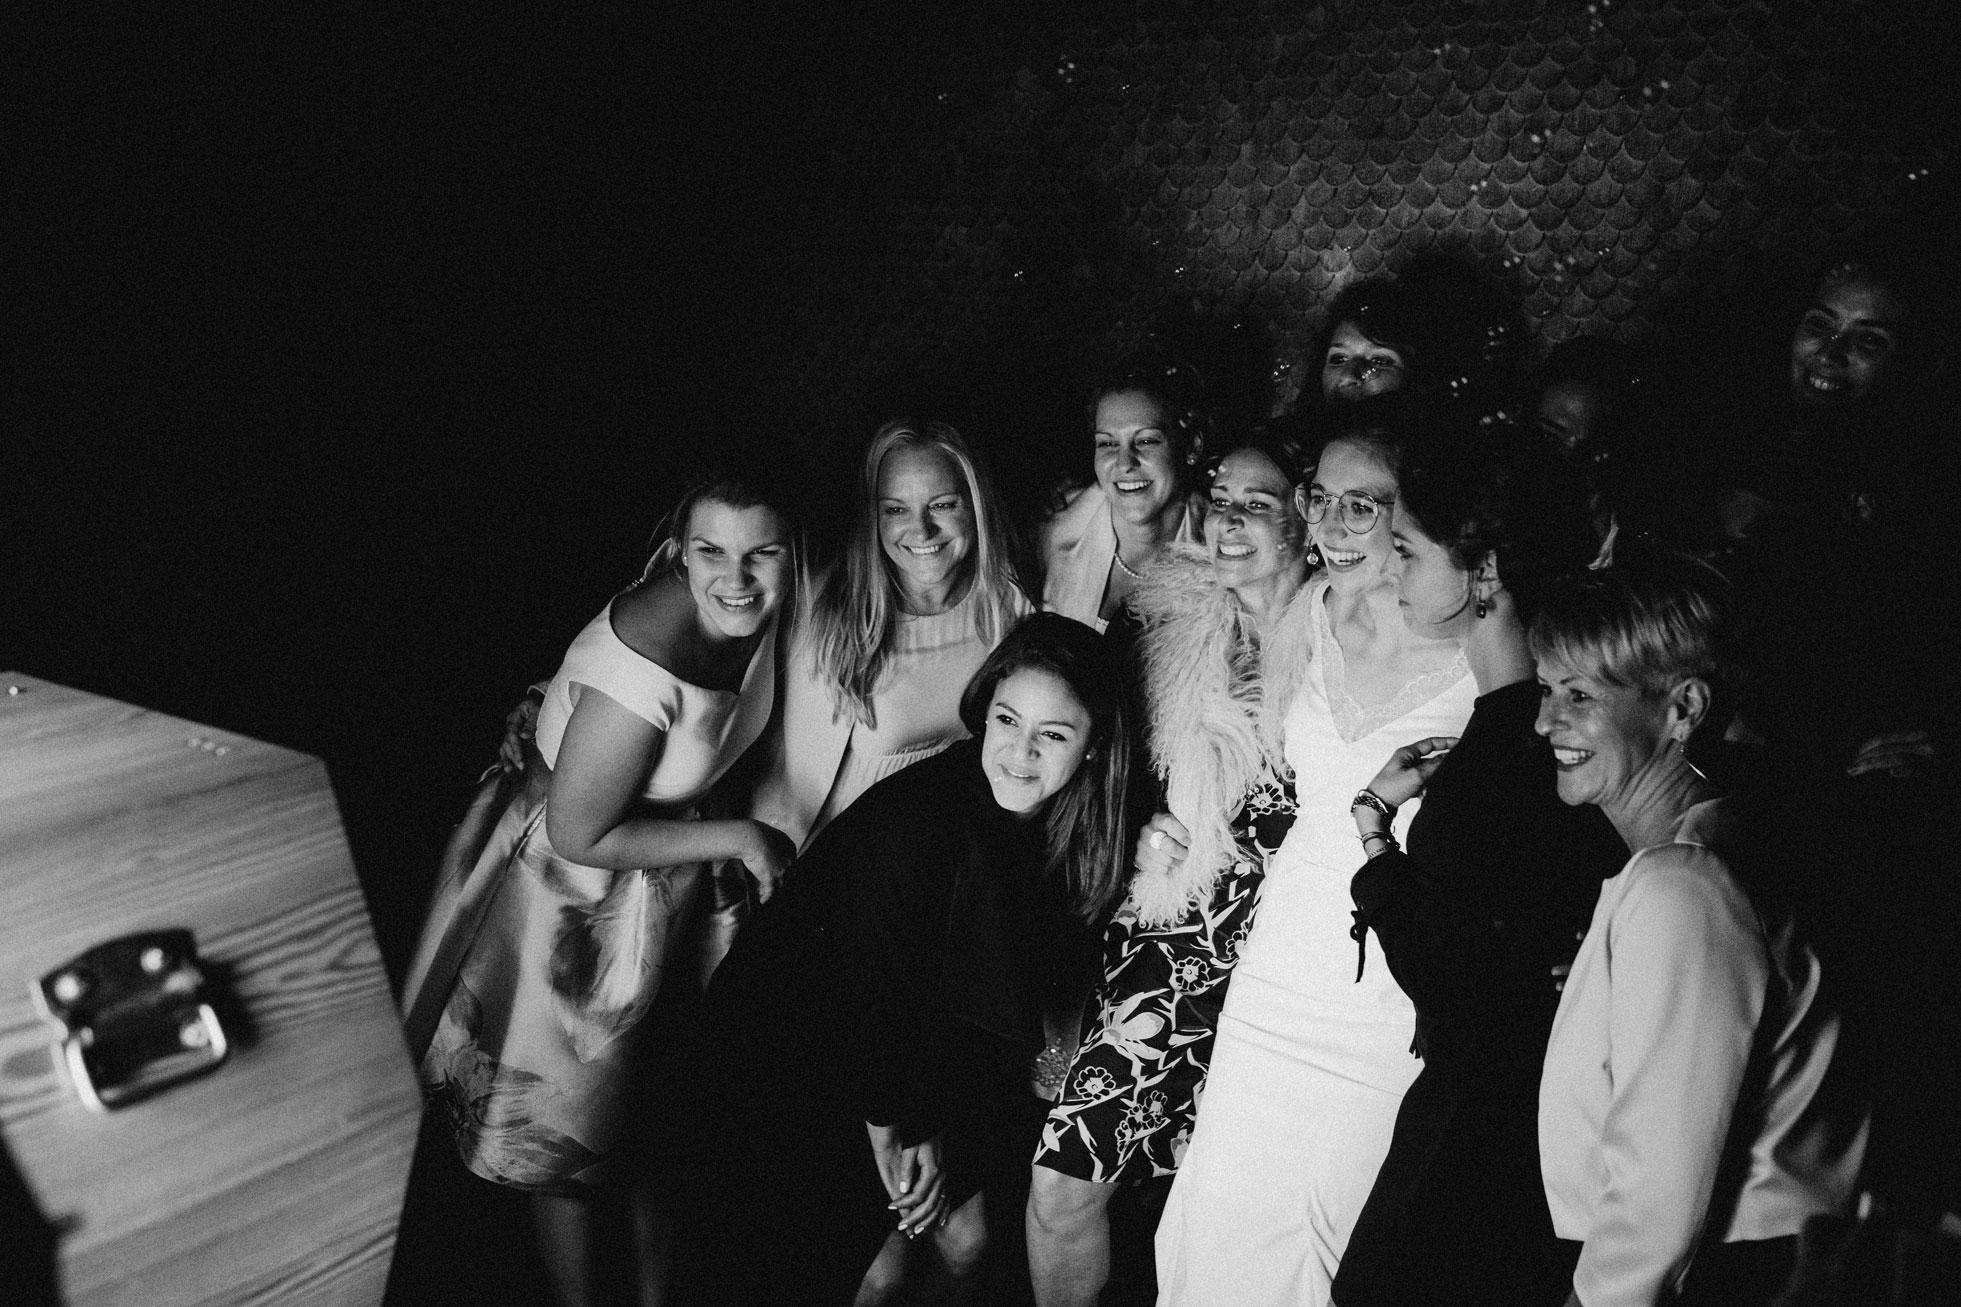 Hochzeit_Claire_Manuel_Villa_Maund_Daniel_Jenny-528.jpg